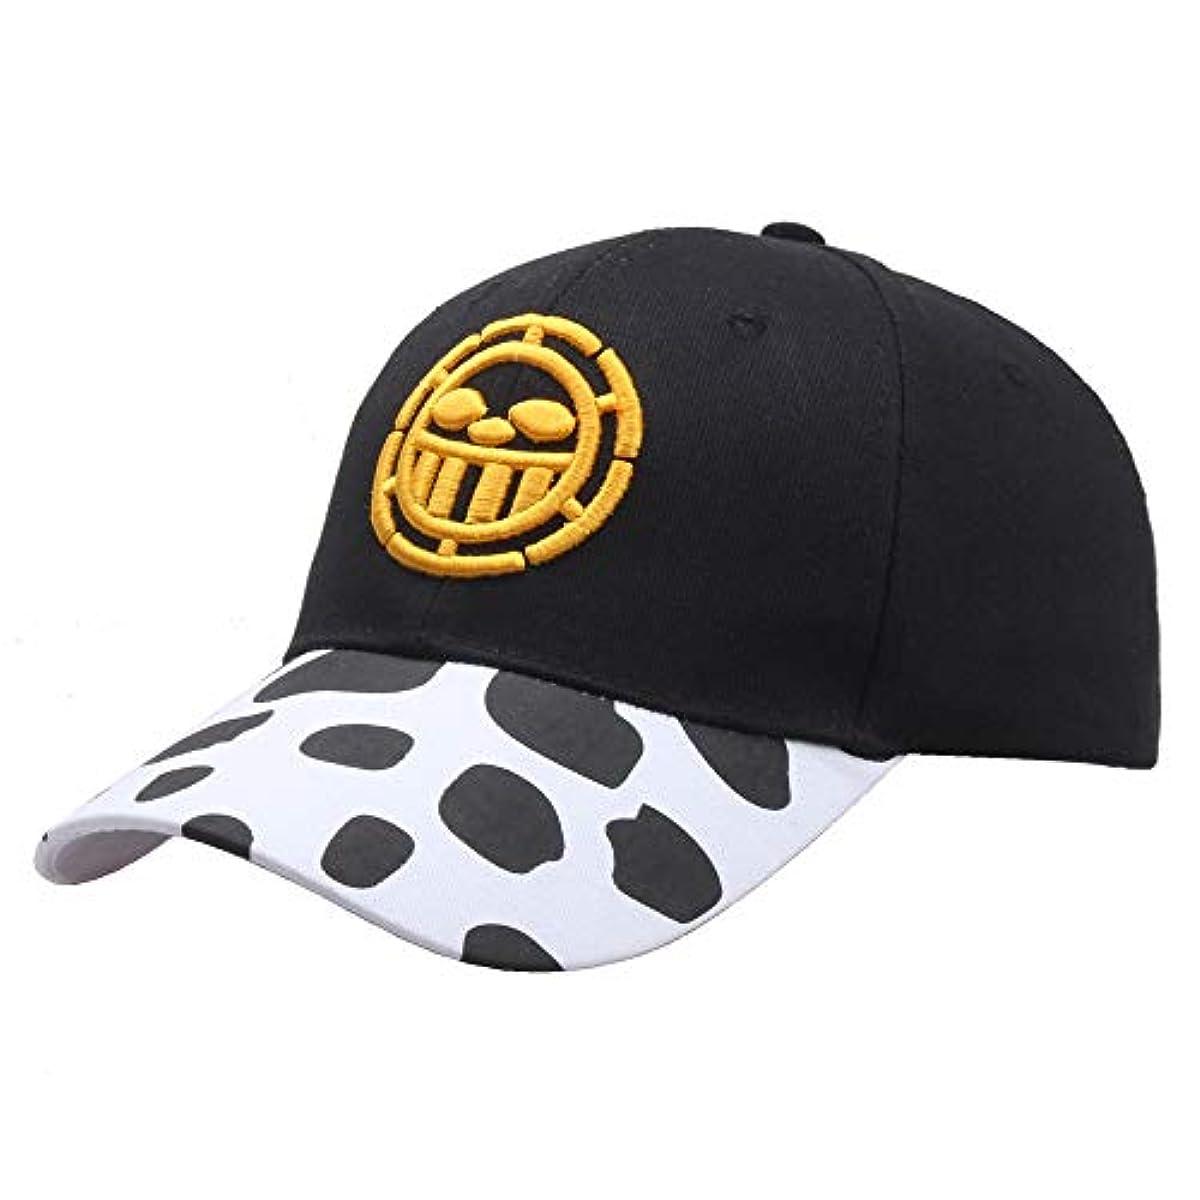 [해외] EIKOU 원피스 트라팔가 로우 모자 코스프레 캡 프리 사이즈